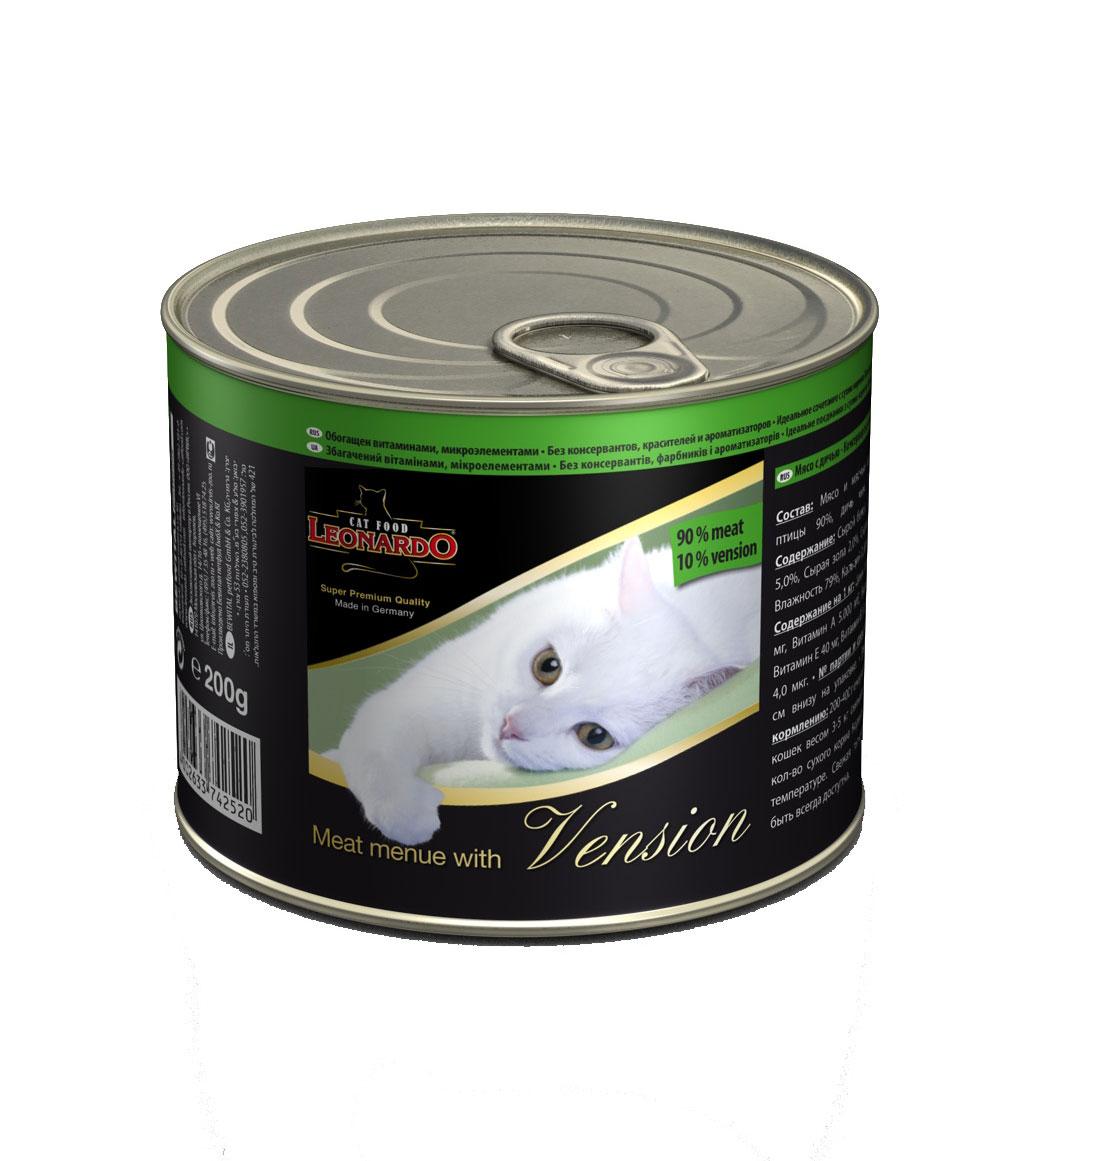 Консервы для кошек Leonardo, мясо с дичью, 200 г53616Консервы Leonardo - 100% мясные консервы для кошек, выполненные в виде нежного фарша. Консервы состоят исключительно из отборных натуральных компонентов и не содержат сою, искусственные красители и усилители вкуса. Состав: 90% мясо птицы, 10% дичь, минералы. Анализ состава: сырой белок 12%, сырой жир 5%, сырая клетчатка 0,4%, сырая зола 2%, влажность 79%, кальций 0,32%, фосфор 0,18%. Содержание на 1 кг: цинк 15 мг, марганец 1,5 мг, витамин А 5000 МЕ, витамин Е 40 мг, витамин D3 250 МЕ, витамин В2 0,8 мг, витамин В12 4,0 мг. Вес: 200 г. Товар сертифицирован.